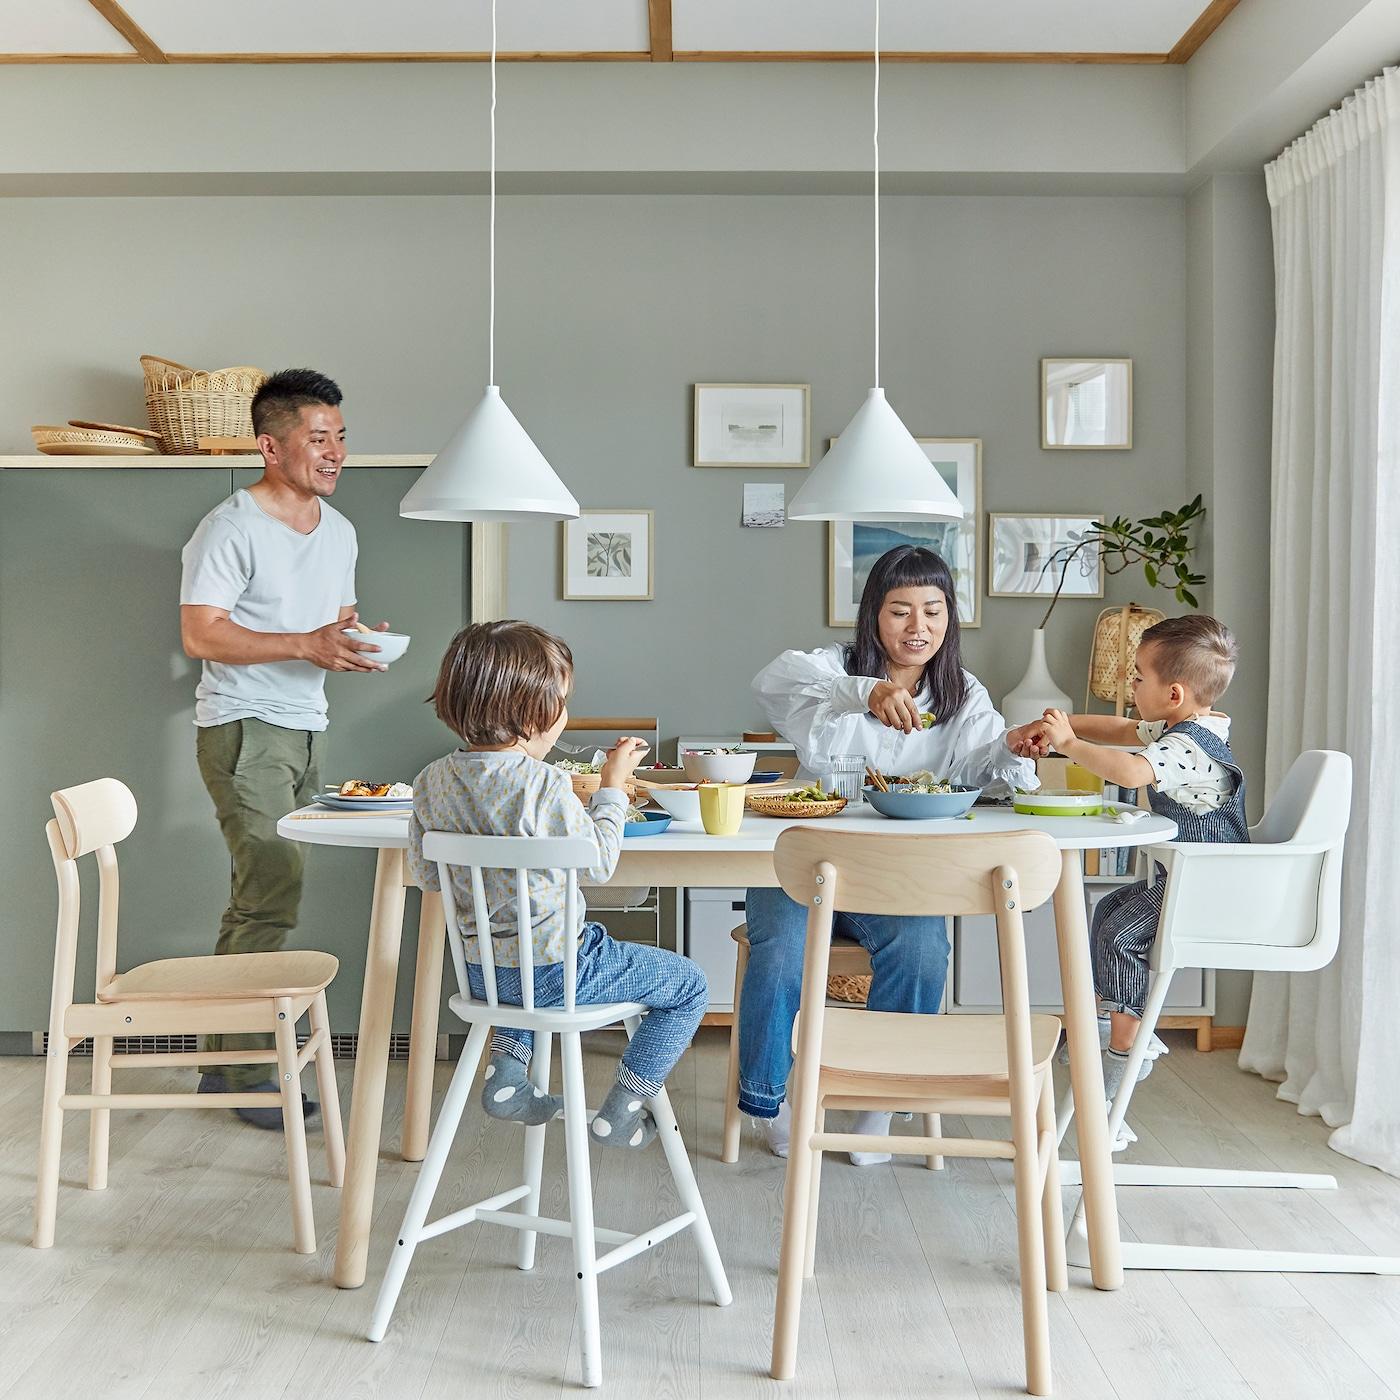 أسرة في غرفة طعام. أم وطفلان يجلسون على طاولة الطعام، والأب يُحضر سلطانية إلى الطاولة.